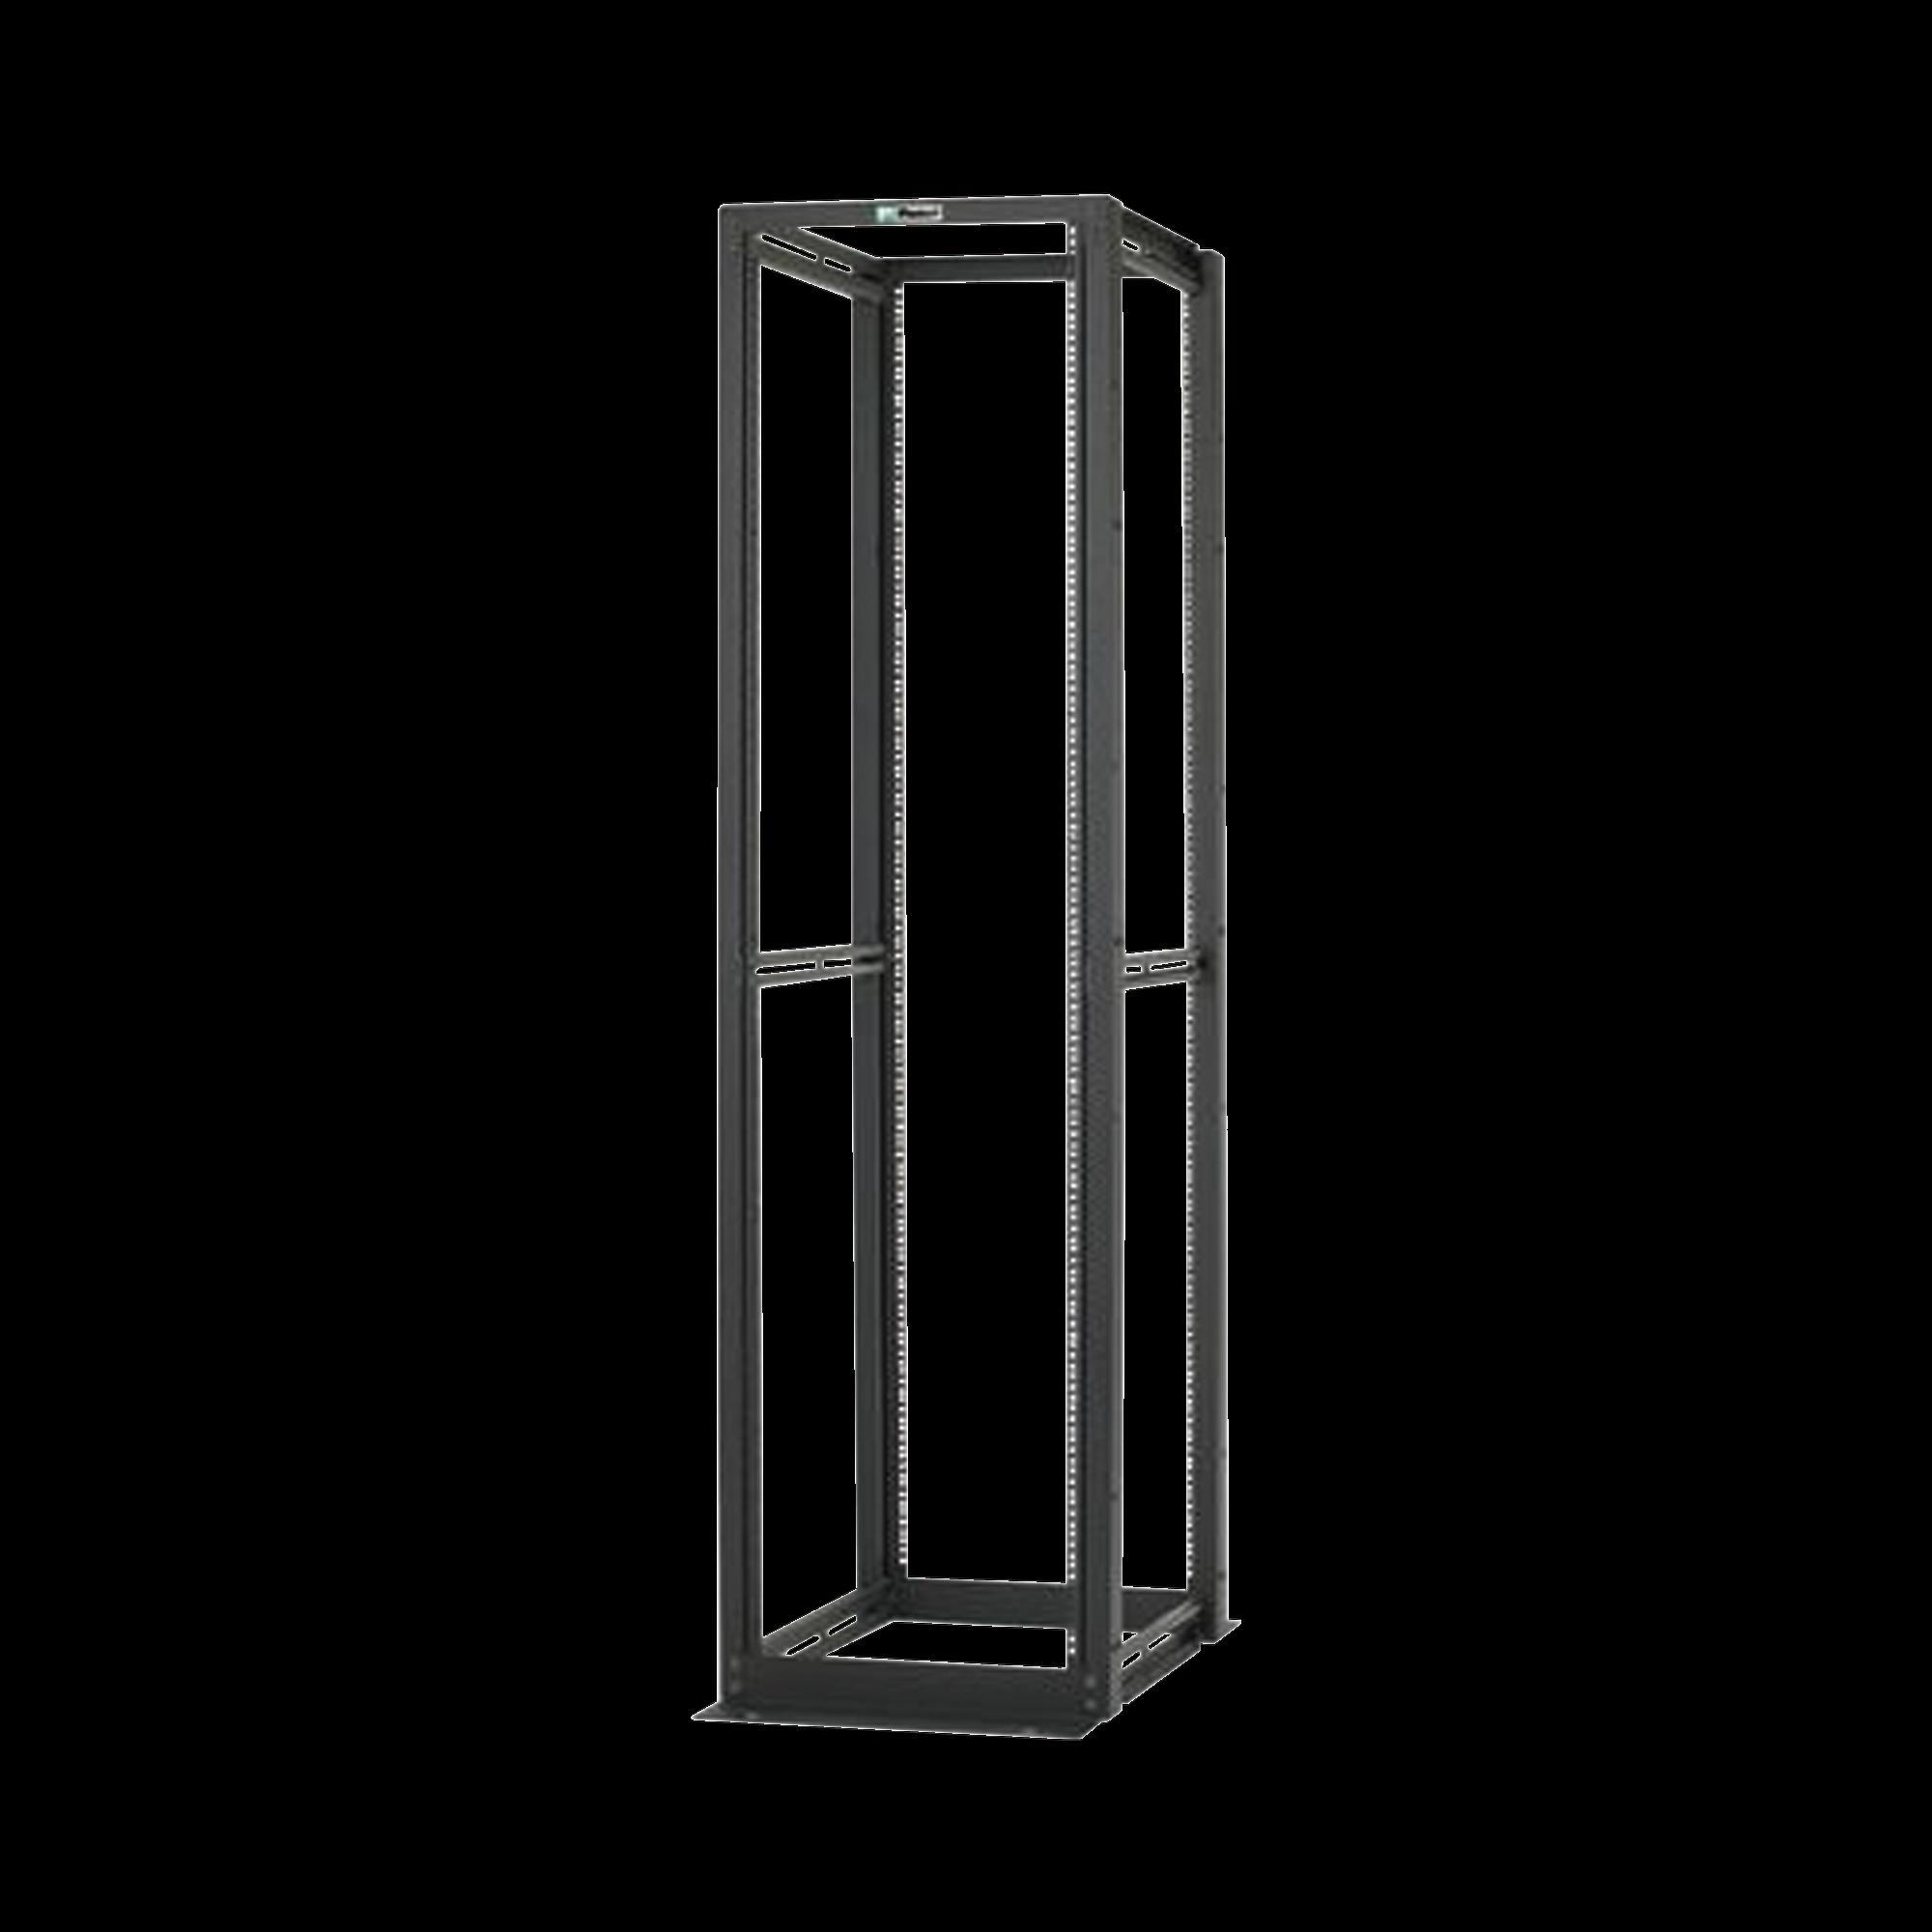 Rack de Cuatro Postes Estándar de 19, Fabricado en Acero, Capacidad de Carga de 1134 kg, Profundidad de 30in, 45 UR